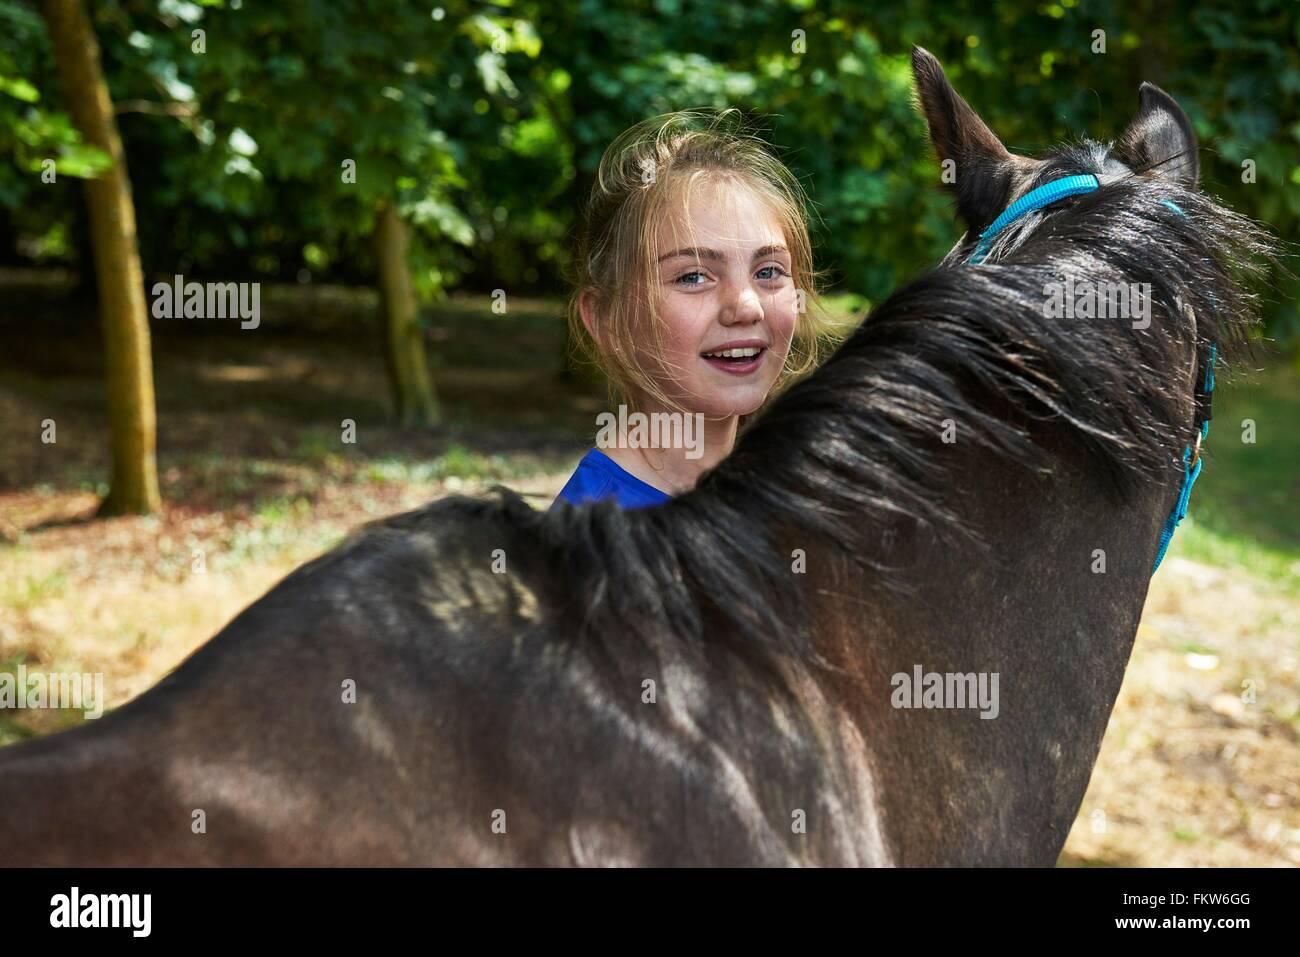 La testa e le spalle della ragazza con cavallo guardando sorridente della fotocamera Immagini Stock